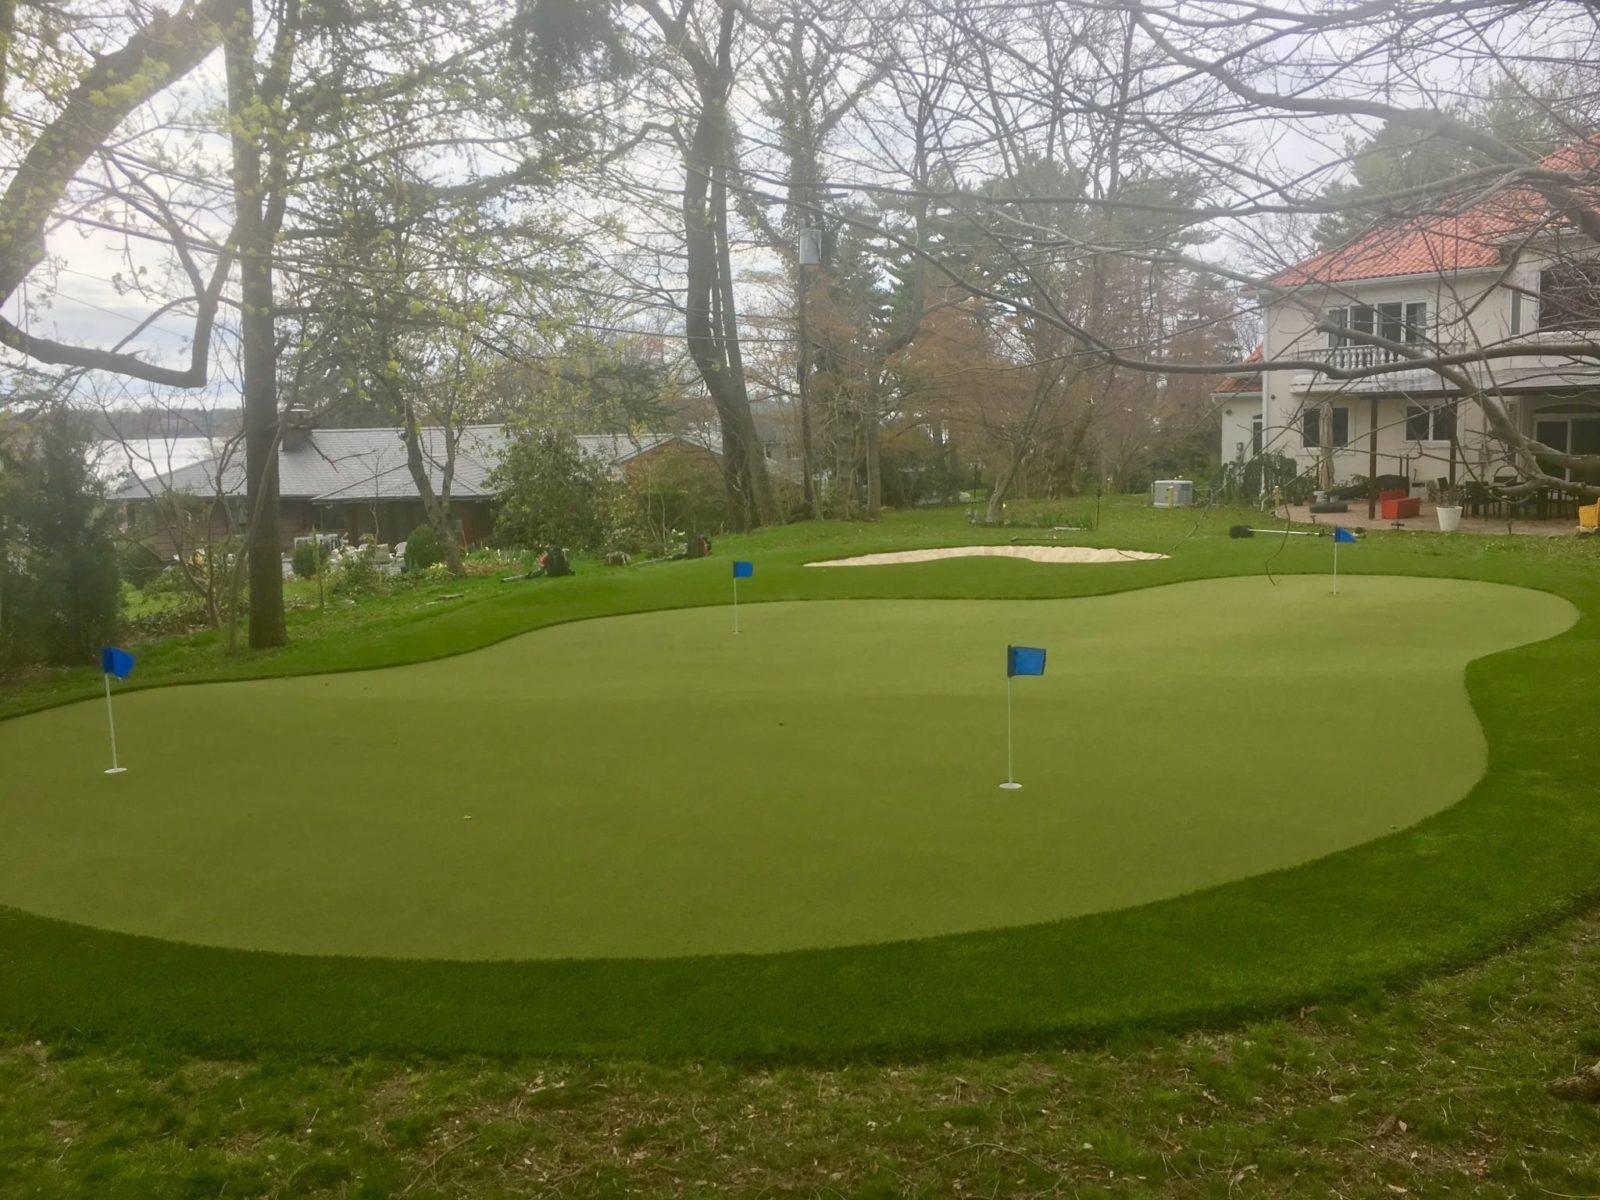 golf putting greens artificial grass - 28 images - golf ...